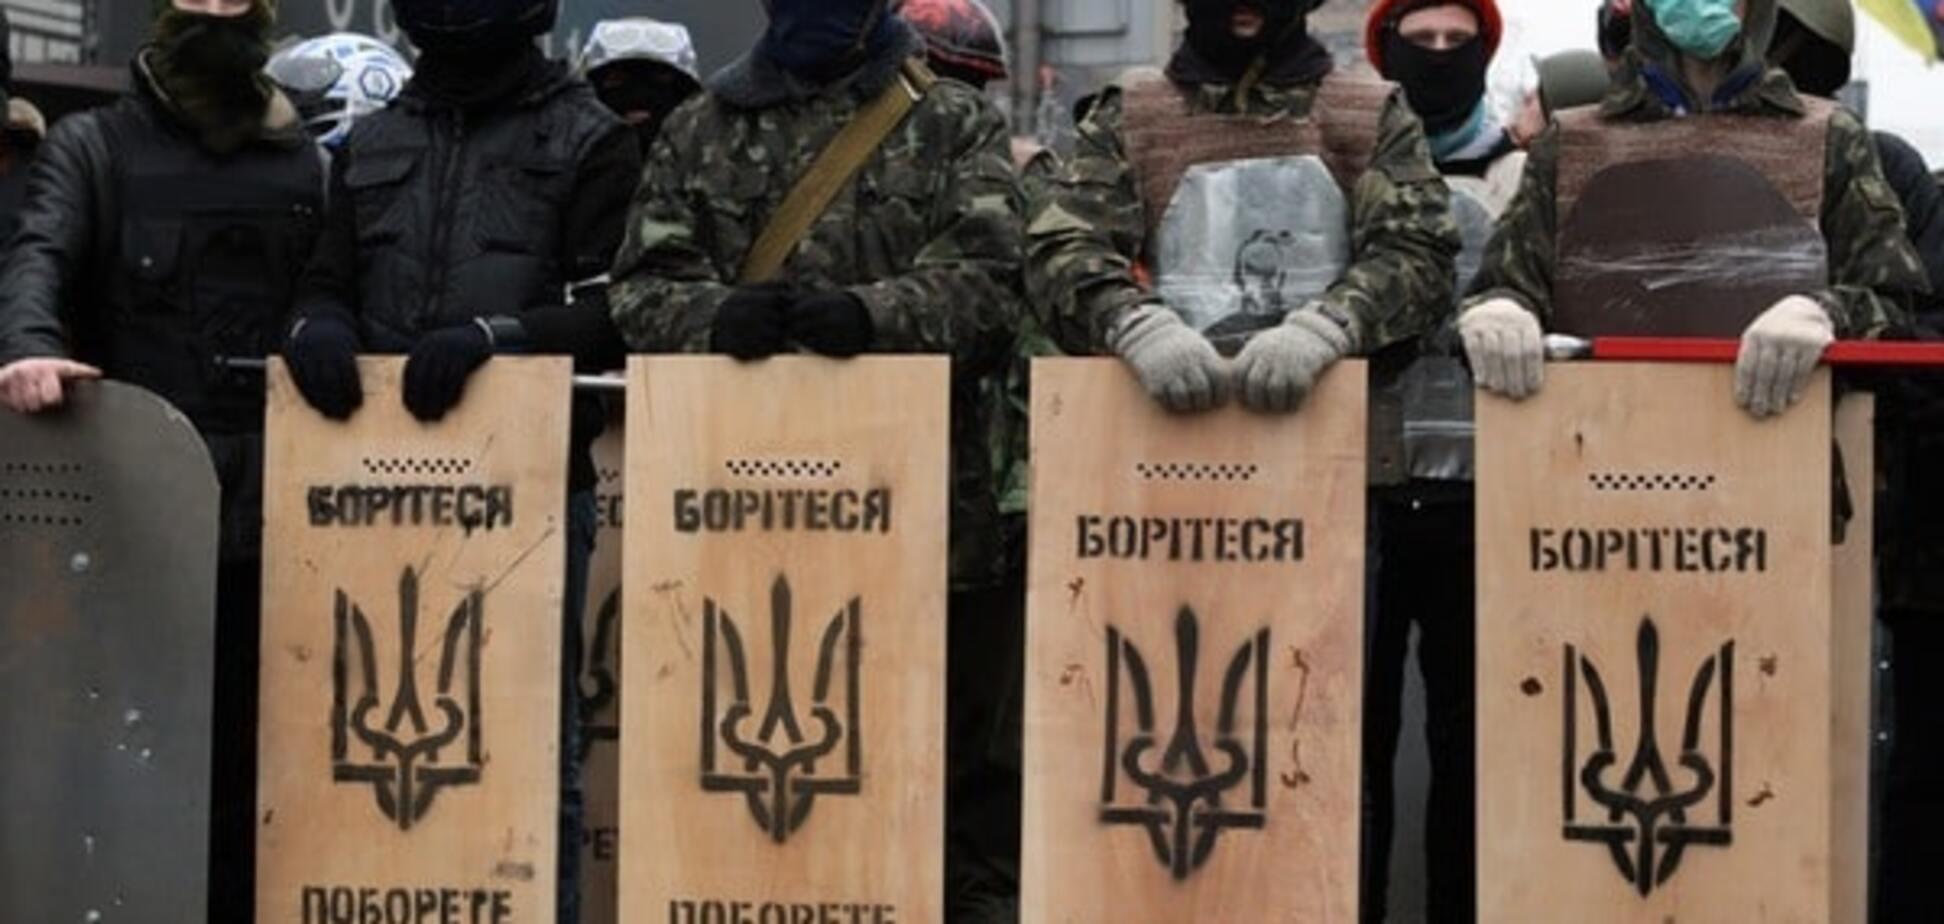 Кращий спосіб допомогти Україні